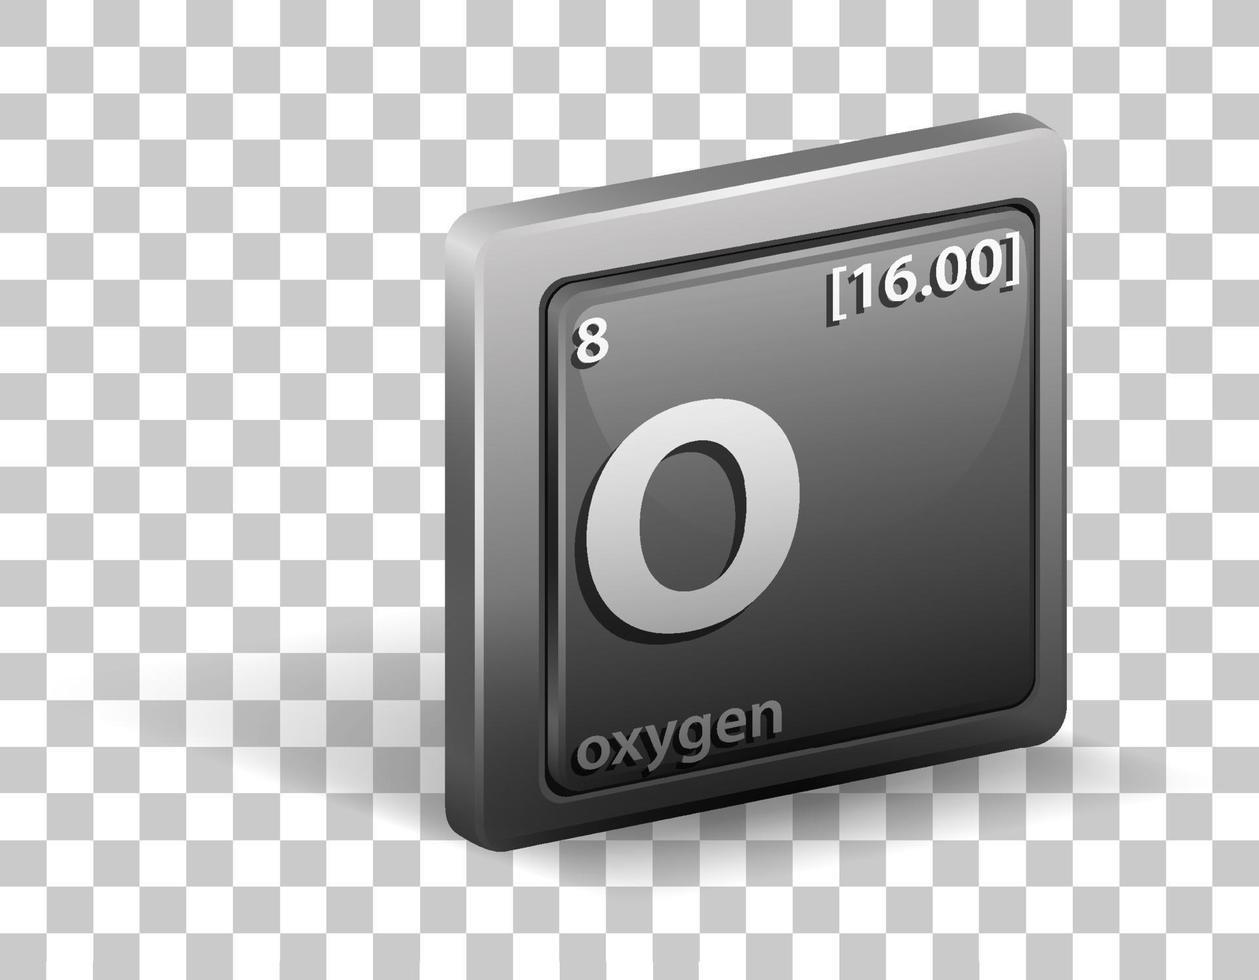 elemento químico oxigeno vector